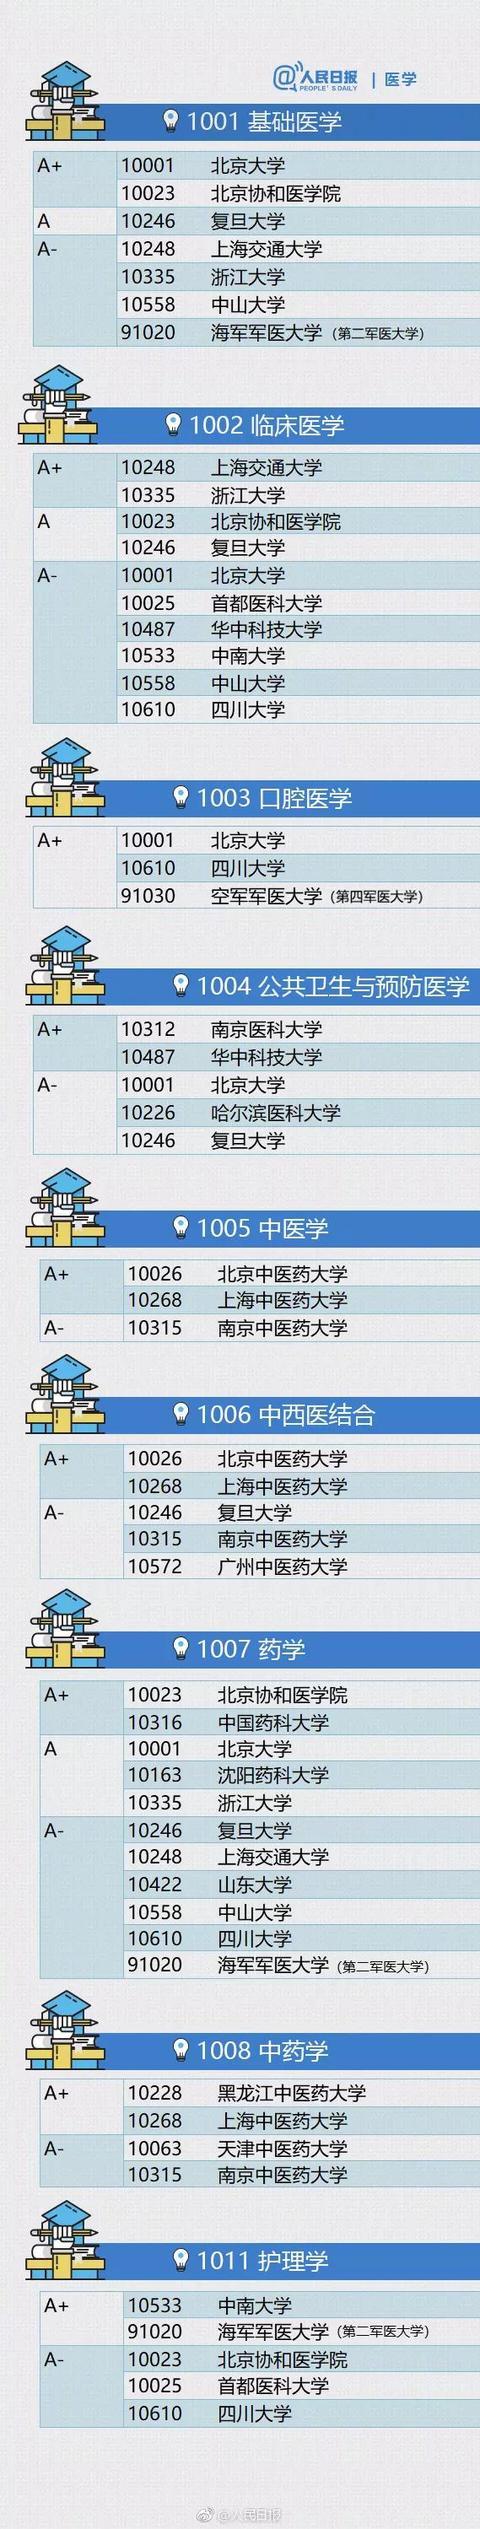 人民日报认证的各学科权威大学排名 21考研择校: